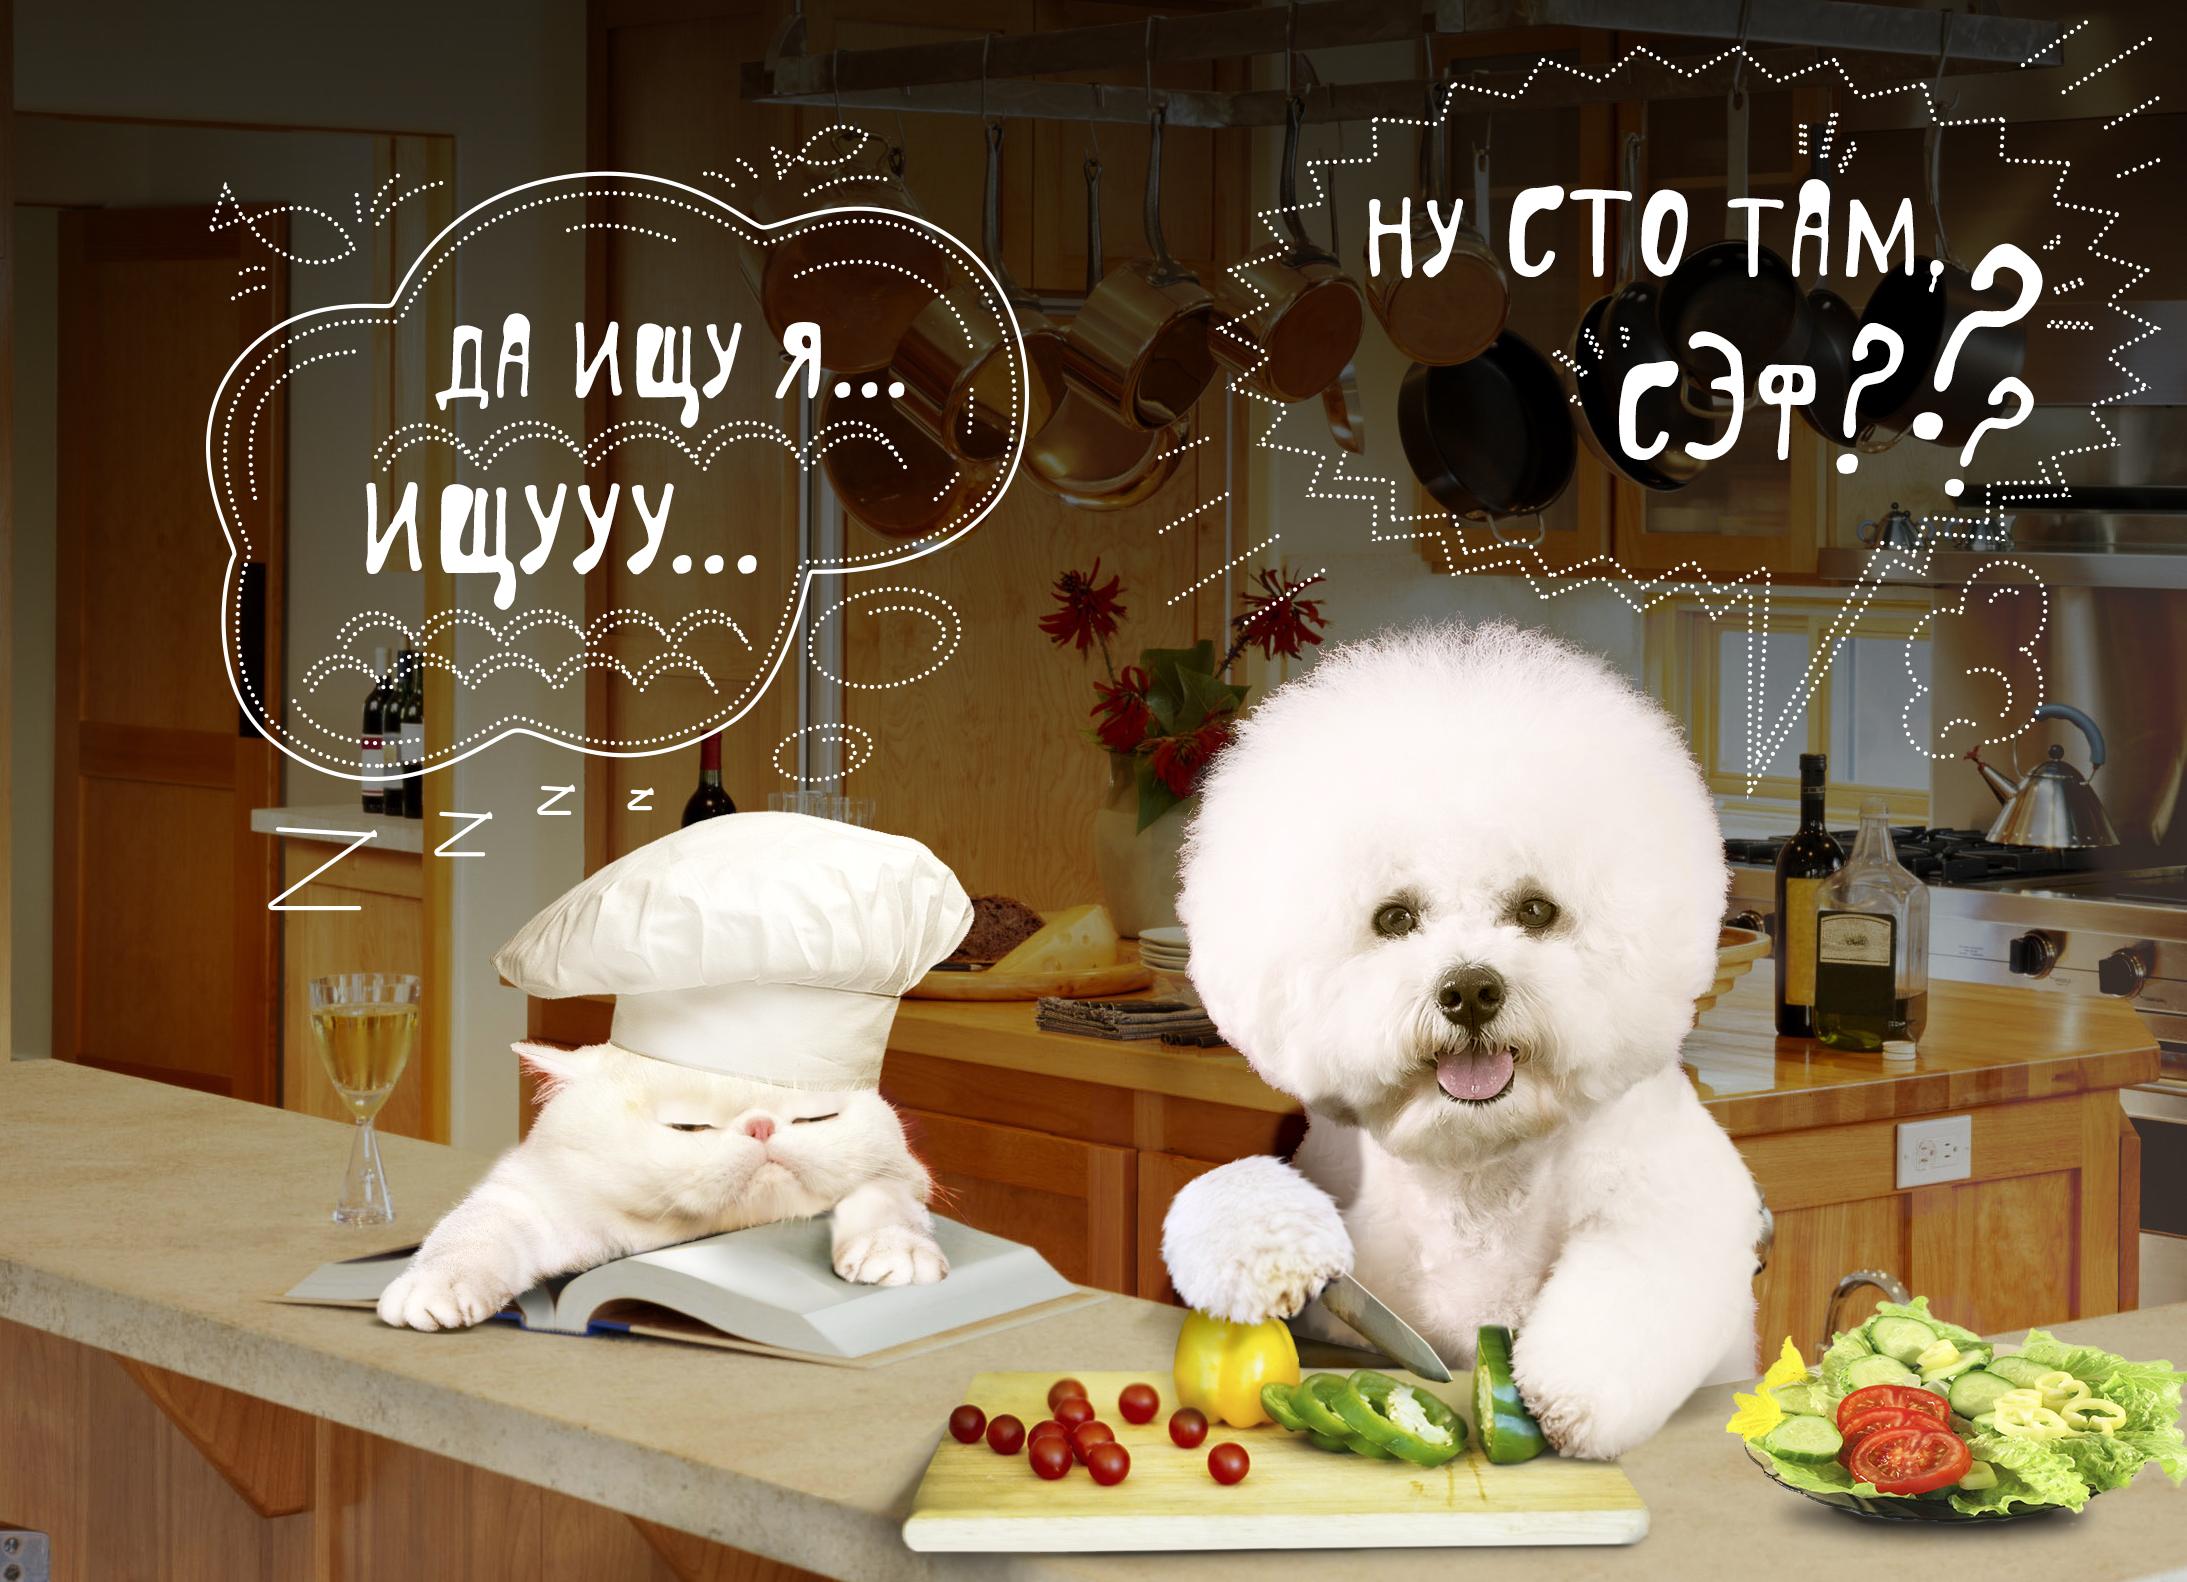 Создать интересный коллаж с участием животных фото f_87251dec6c535407.jpg